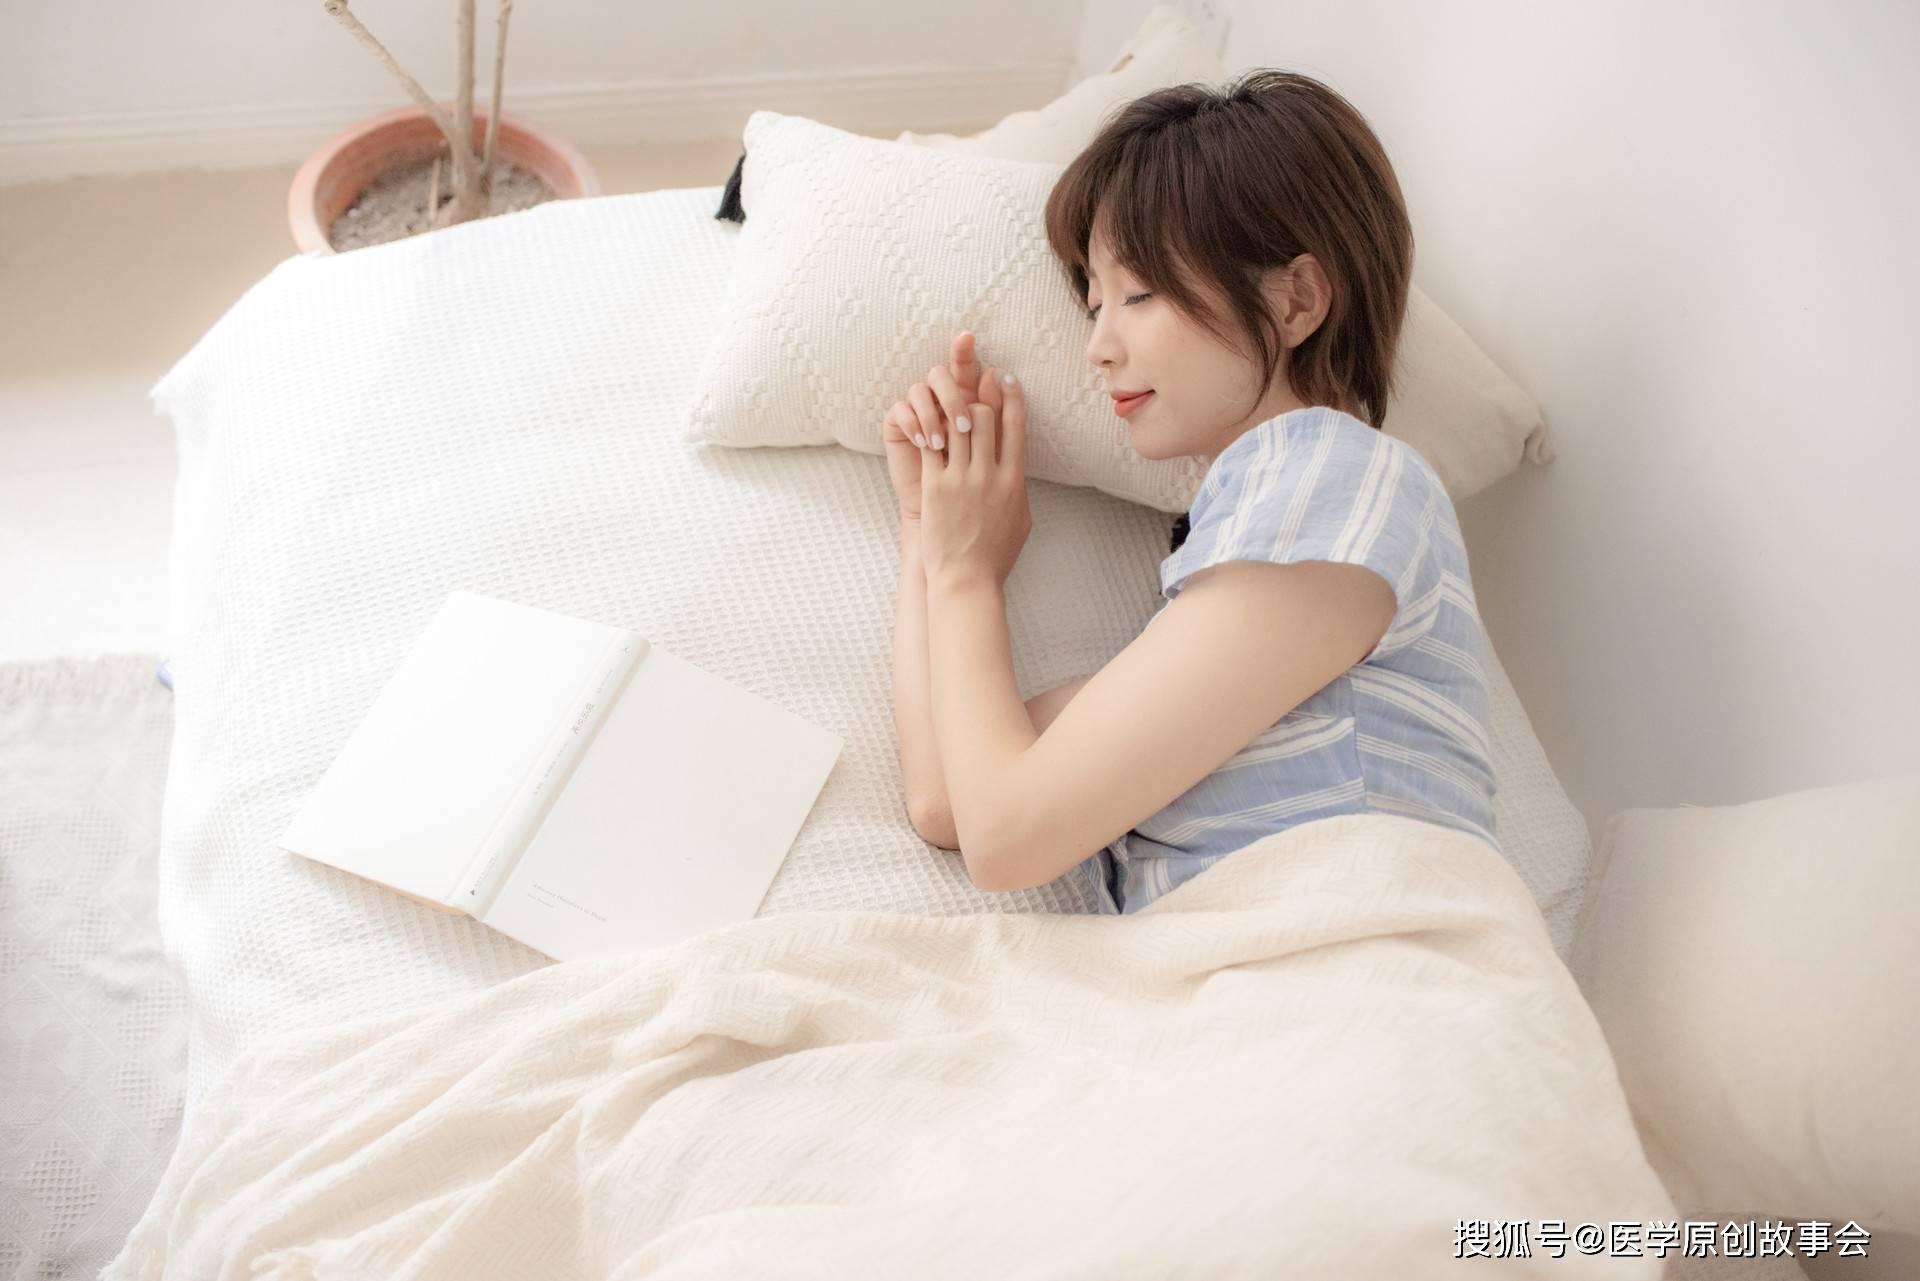 Một giấc ngủ chất lượng có ý nghĩa quan trọng trong việc hồi phục sức khỏe tinh thần, dưỡng da và tăng cường hệ miễn dịch.